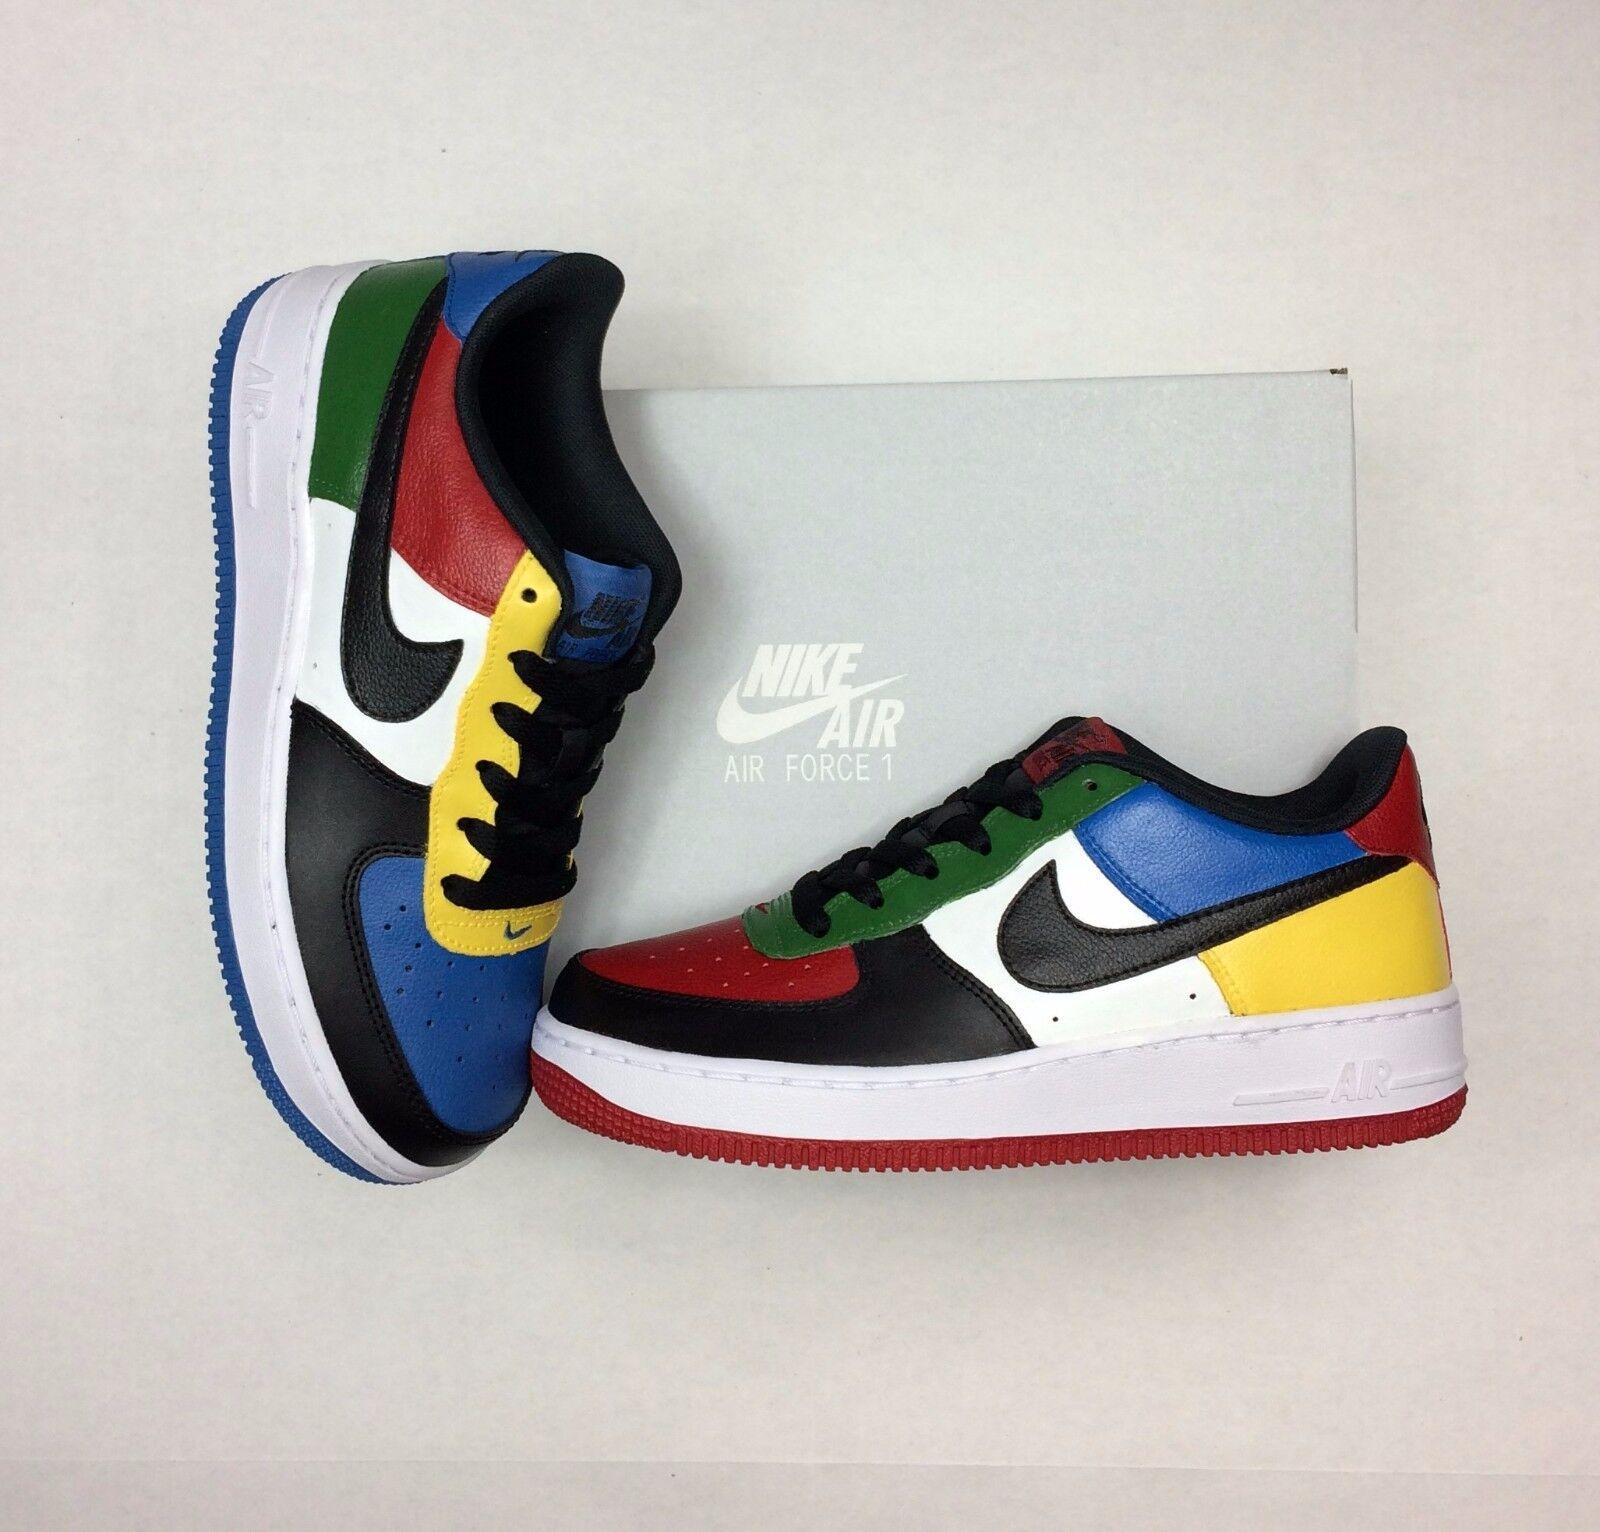 buy online 99660 5713f Nike Air Force 1 zapatillas zapatillas zapatillas hombres es comodo el  último descuento zapatos para hombres